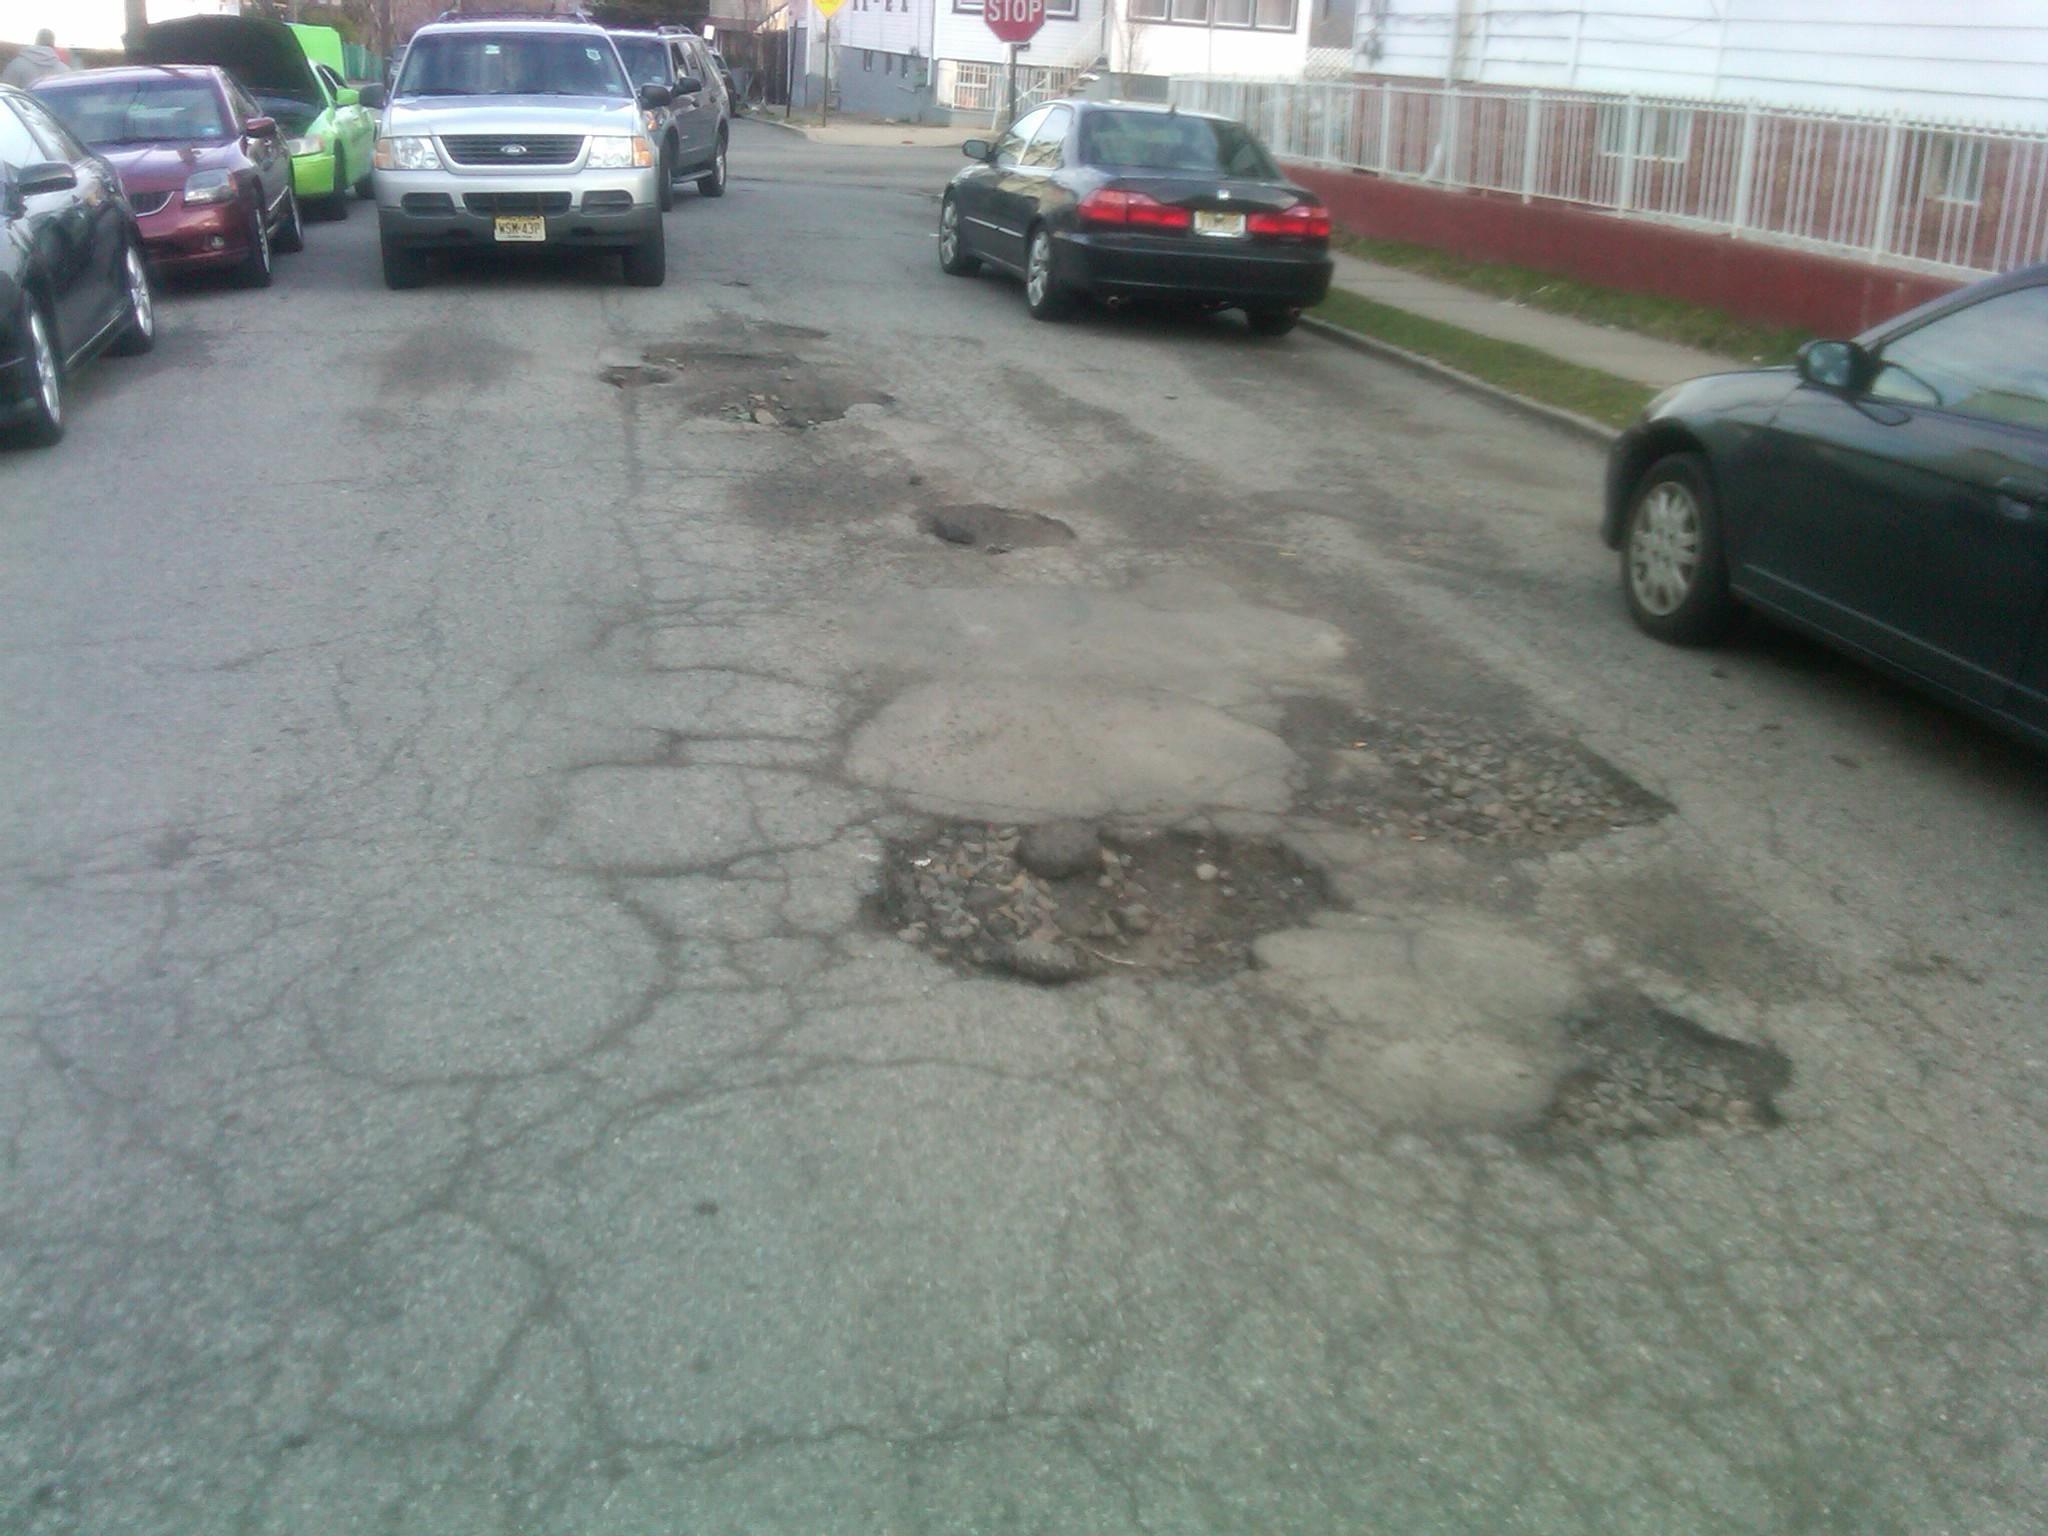 d0d88694516a85799aaf_potholes.jpg